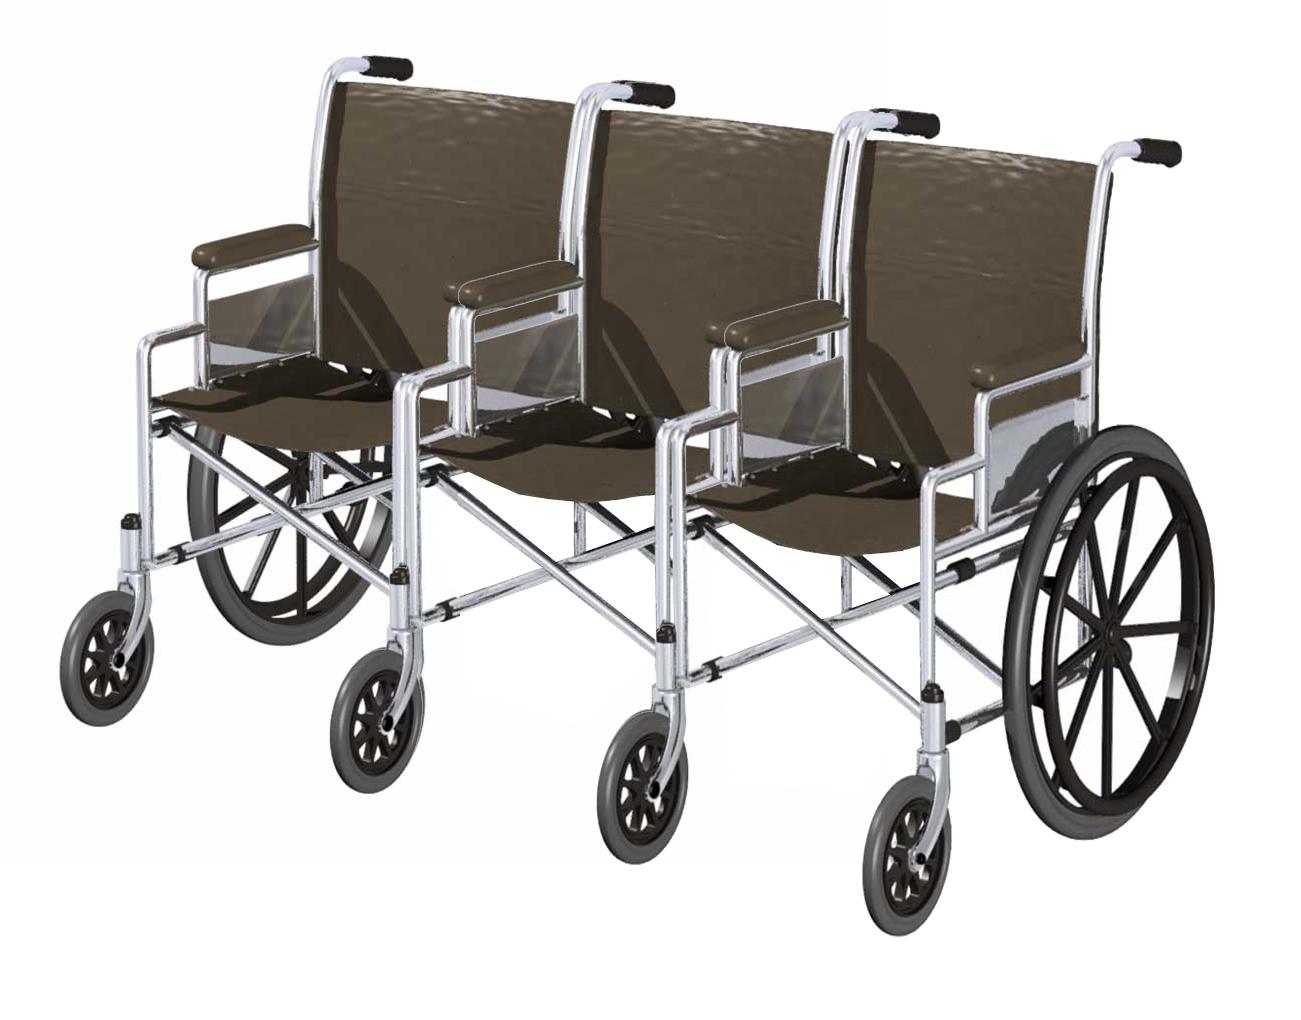 Para qu sirve la silla de ruedas triple pedestre - Ruedas de sillas ...